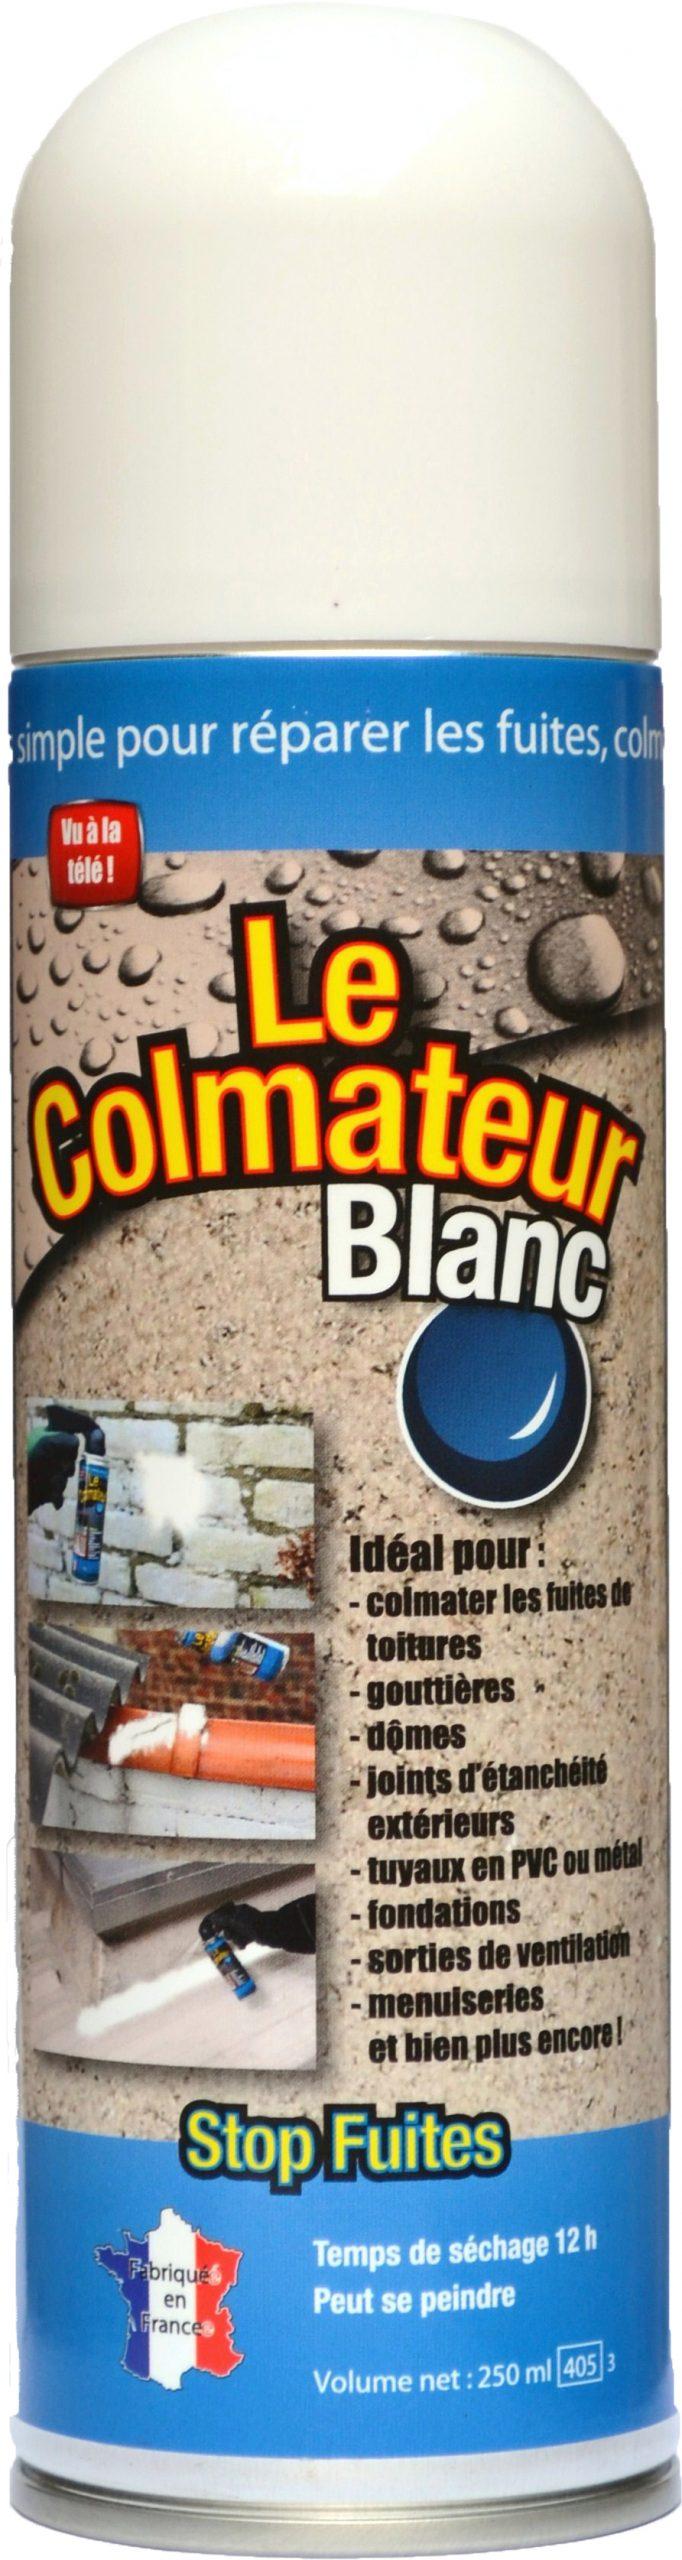 Le Colmateur : Le Spray Bitume Pratique Pour Tout Colmater ... tout Colmateur De Fuite Piscine